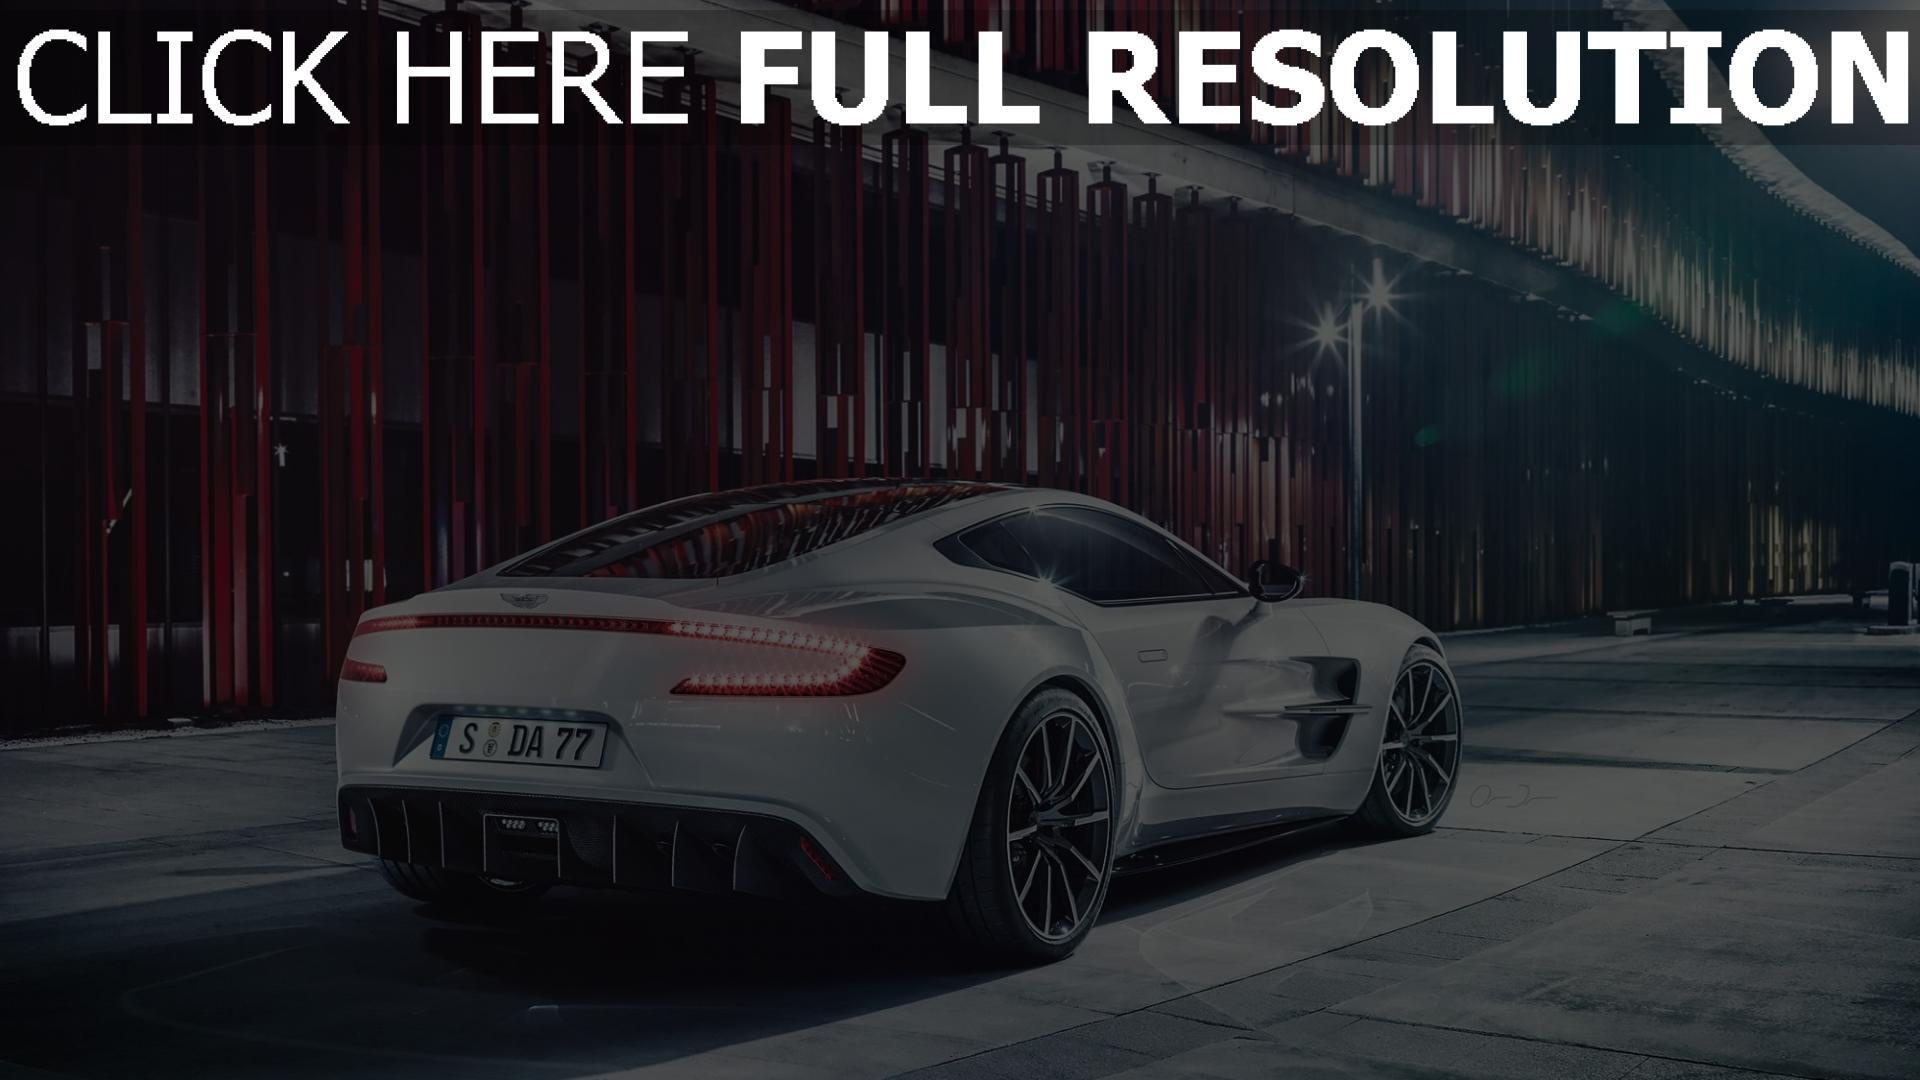 Herunterladen 1920x1080 Full Hd Hintergrundbilder Aston